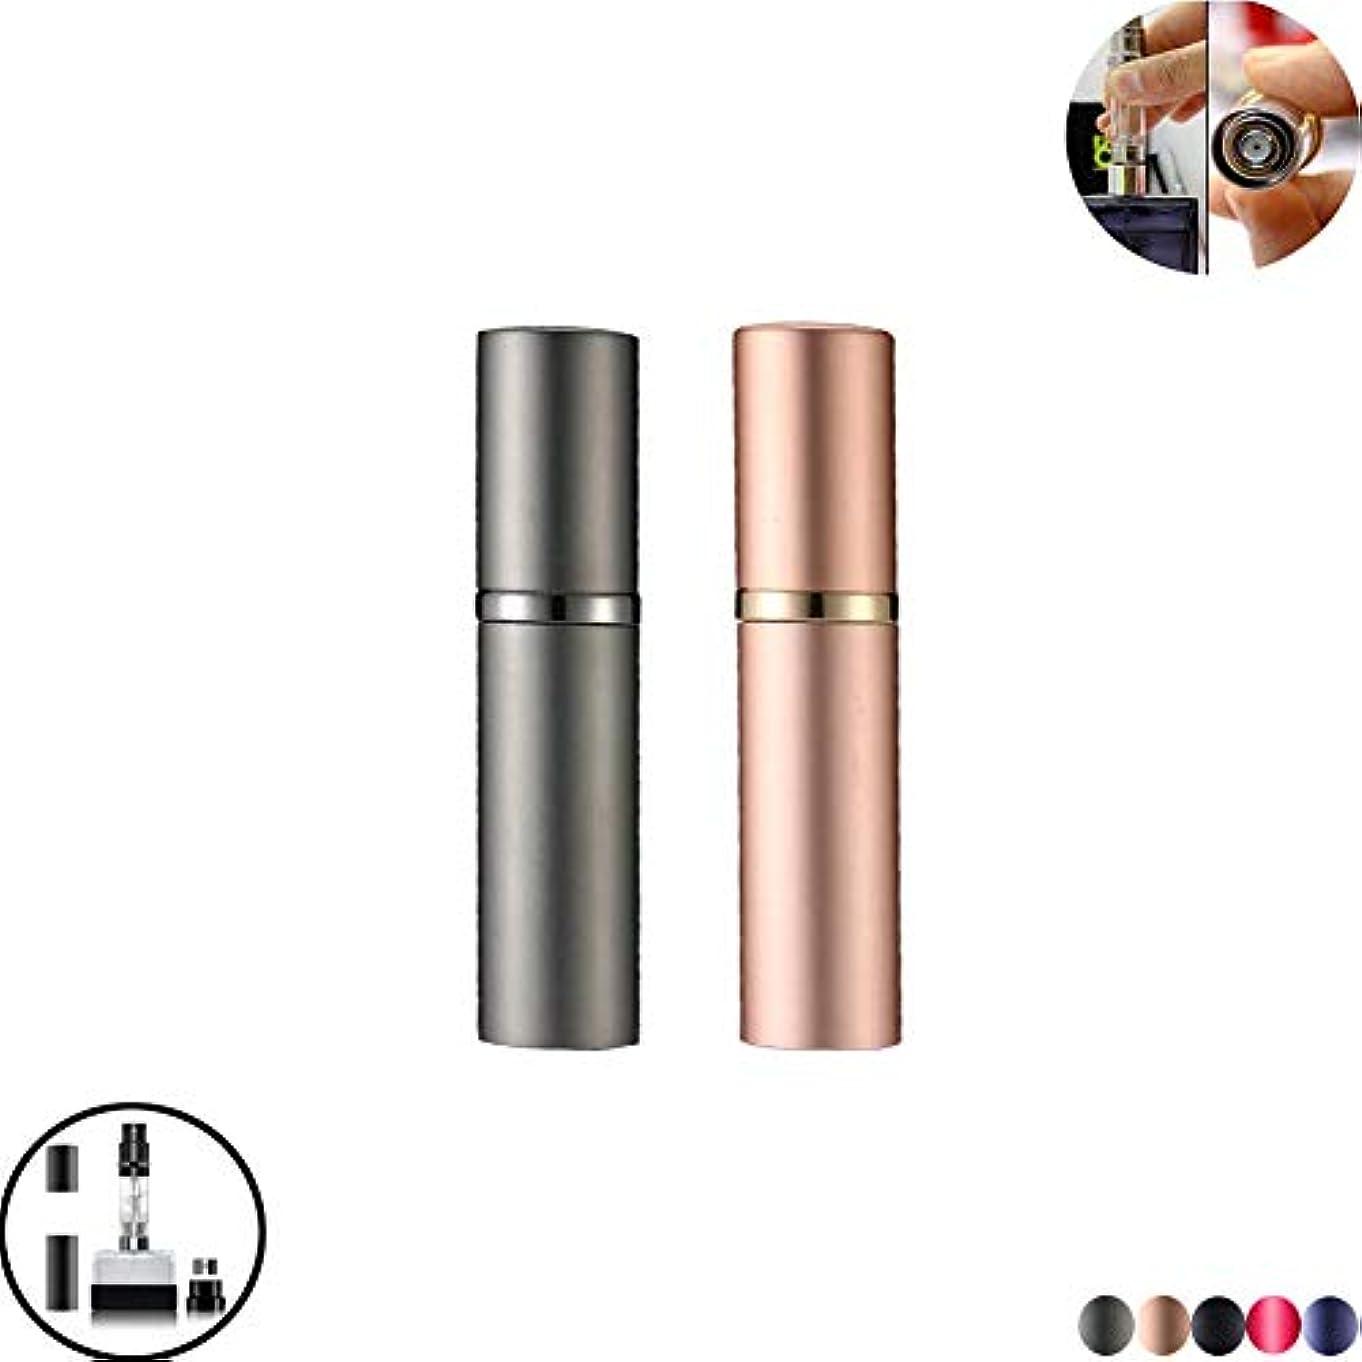 置き場みがきます支払いアトマイザー 詰め替え AsaNana ポータブル クイック 香水噴霧器 携帯用 詰め替え容器 香水用 ワンタッチ補充 香水スプレー パフューム Quick Atomizer プシュ式 (Gray +Rose Gold)